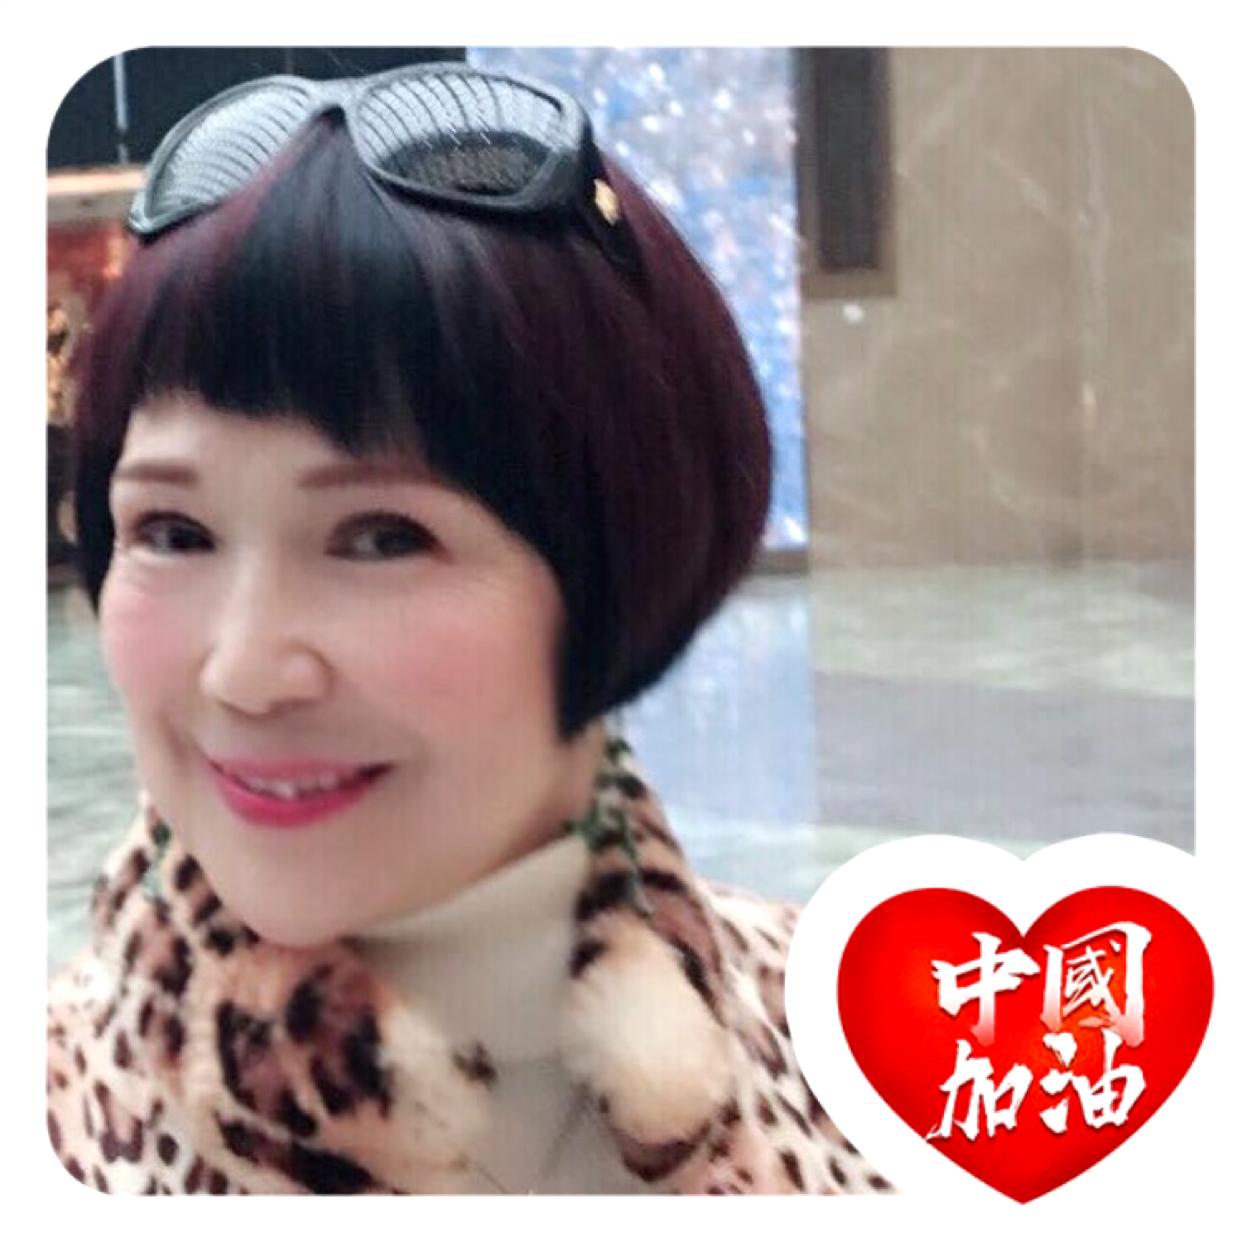 名ming的照片